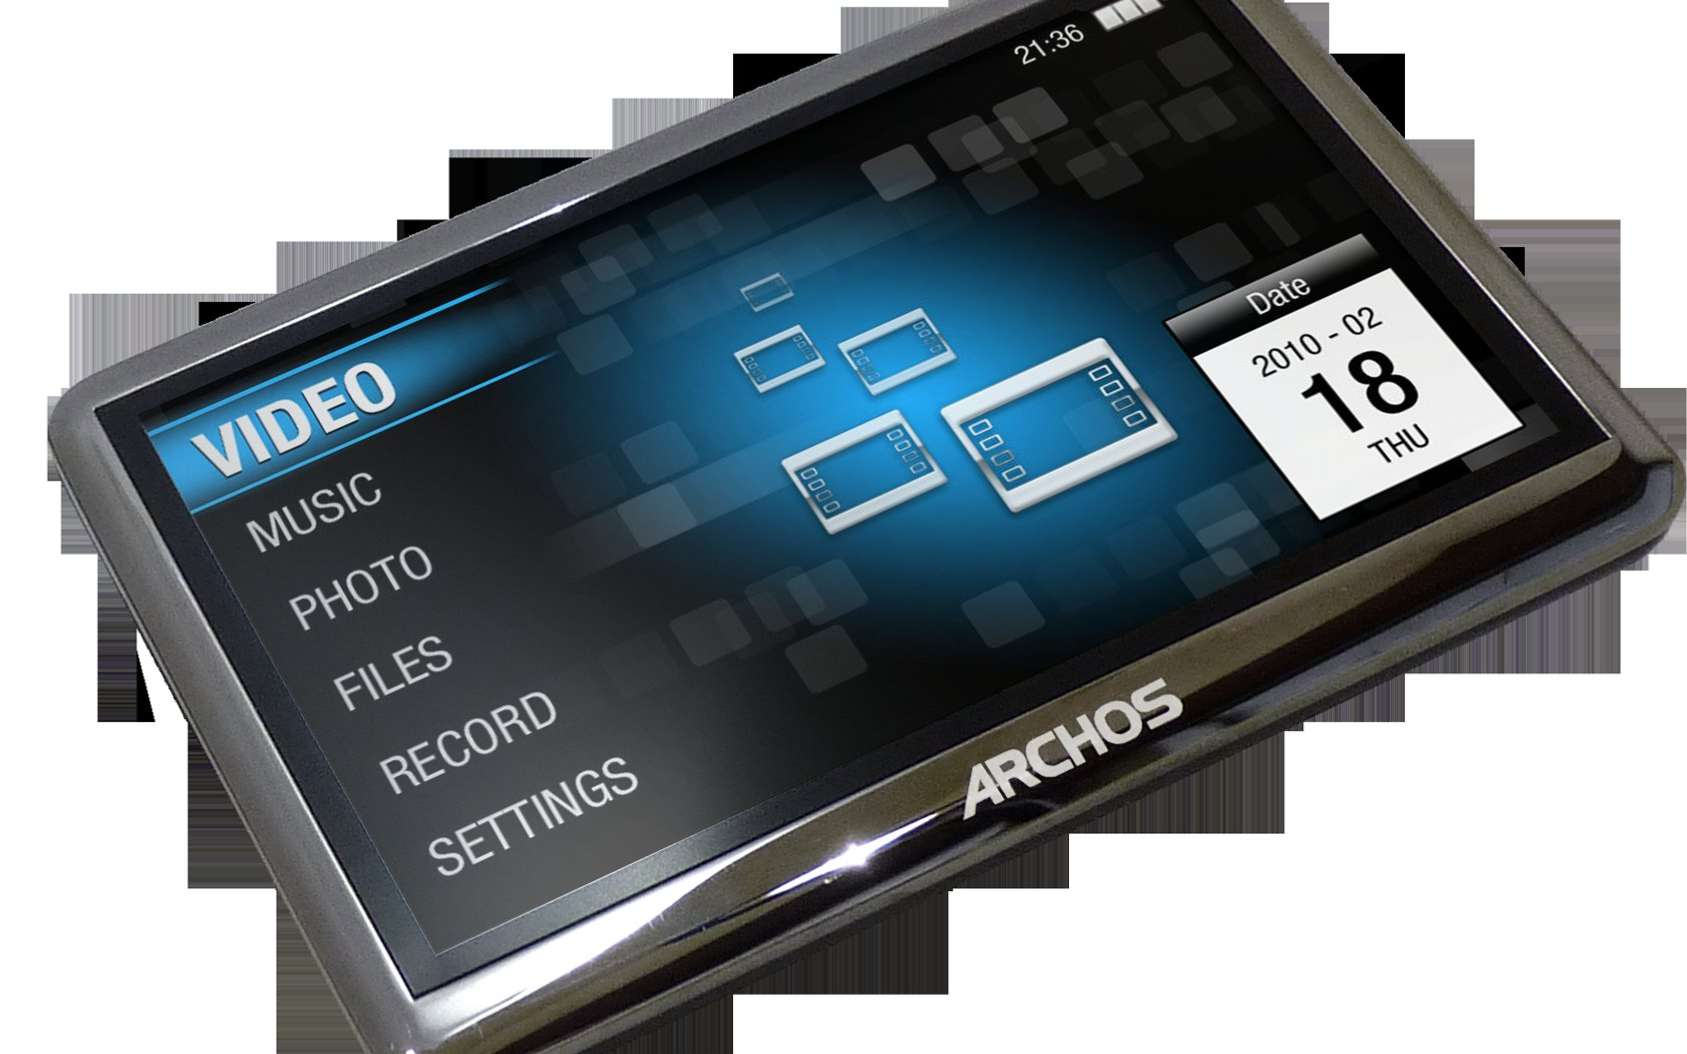 Le format vidéo MPeg 4 permet de diffuser de la vidéo sur différents appareils, comme des ordinateurs, des téléphones ou des lecteurs, comme ce modèle 4-3 Vision, d'Archos. © Archos